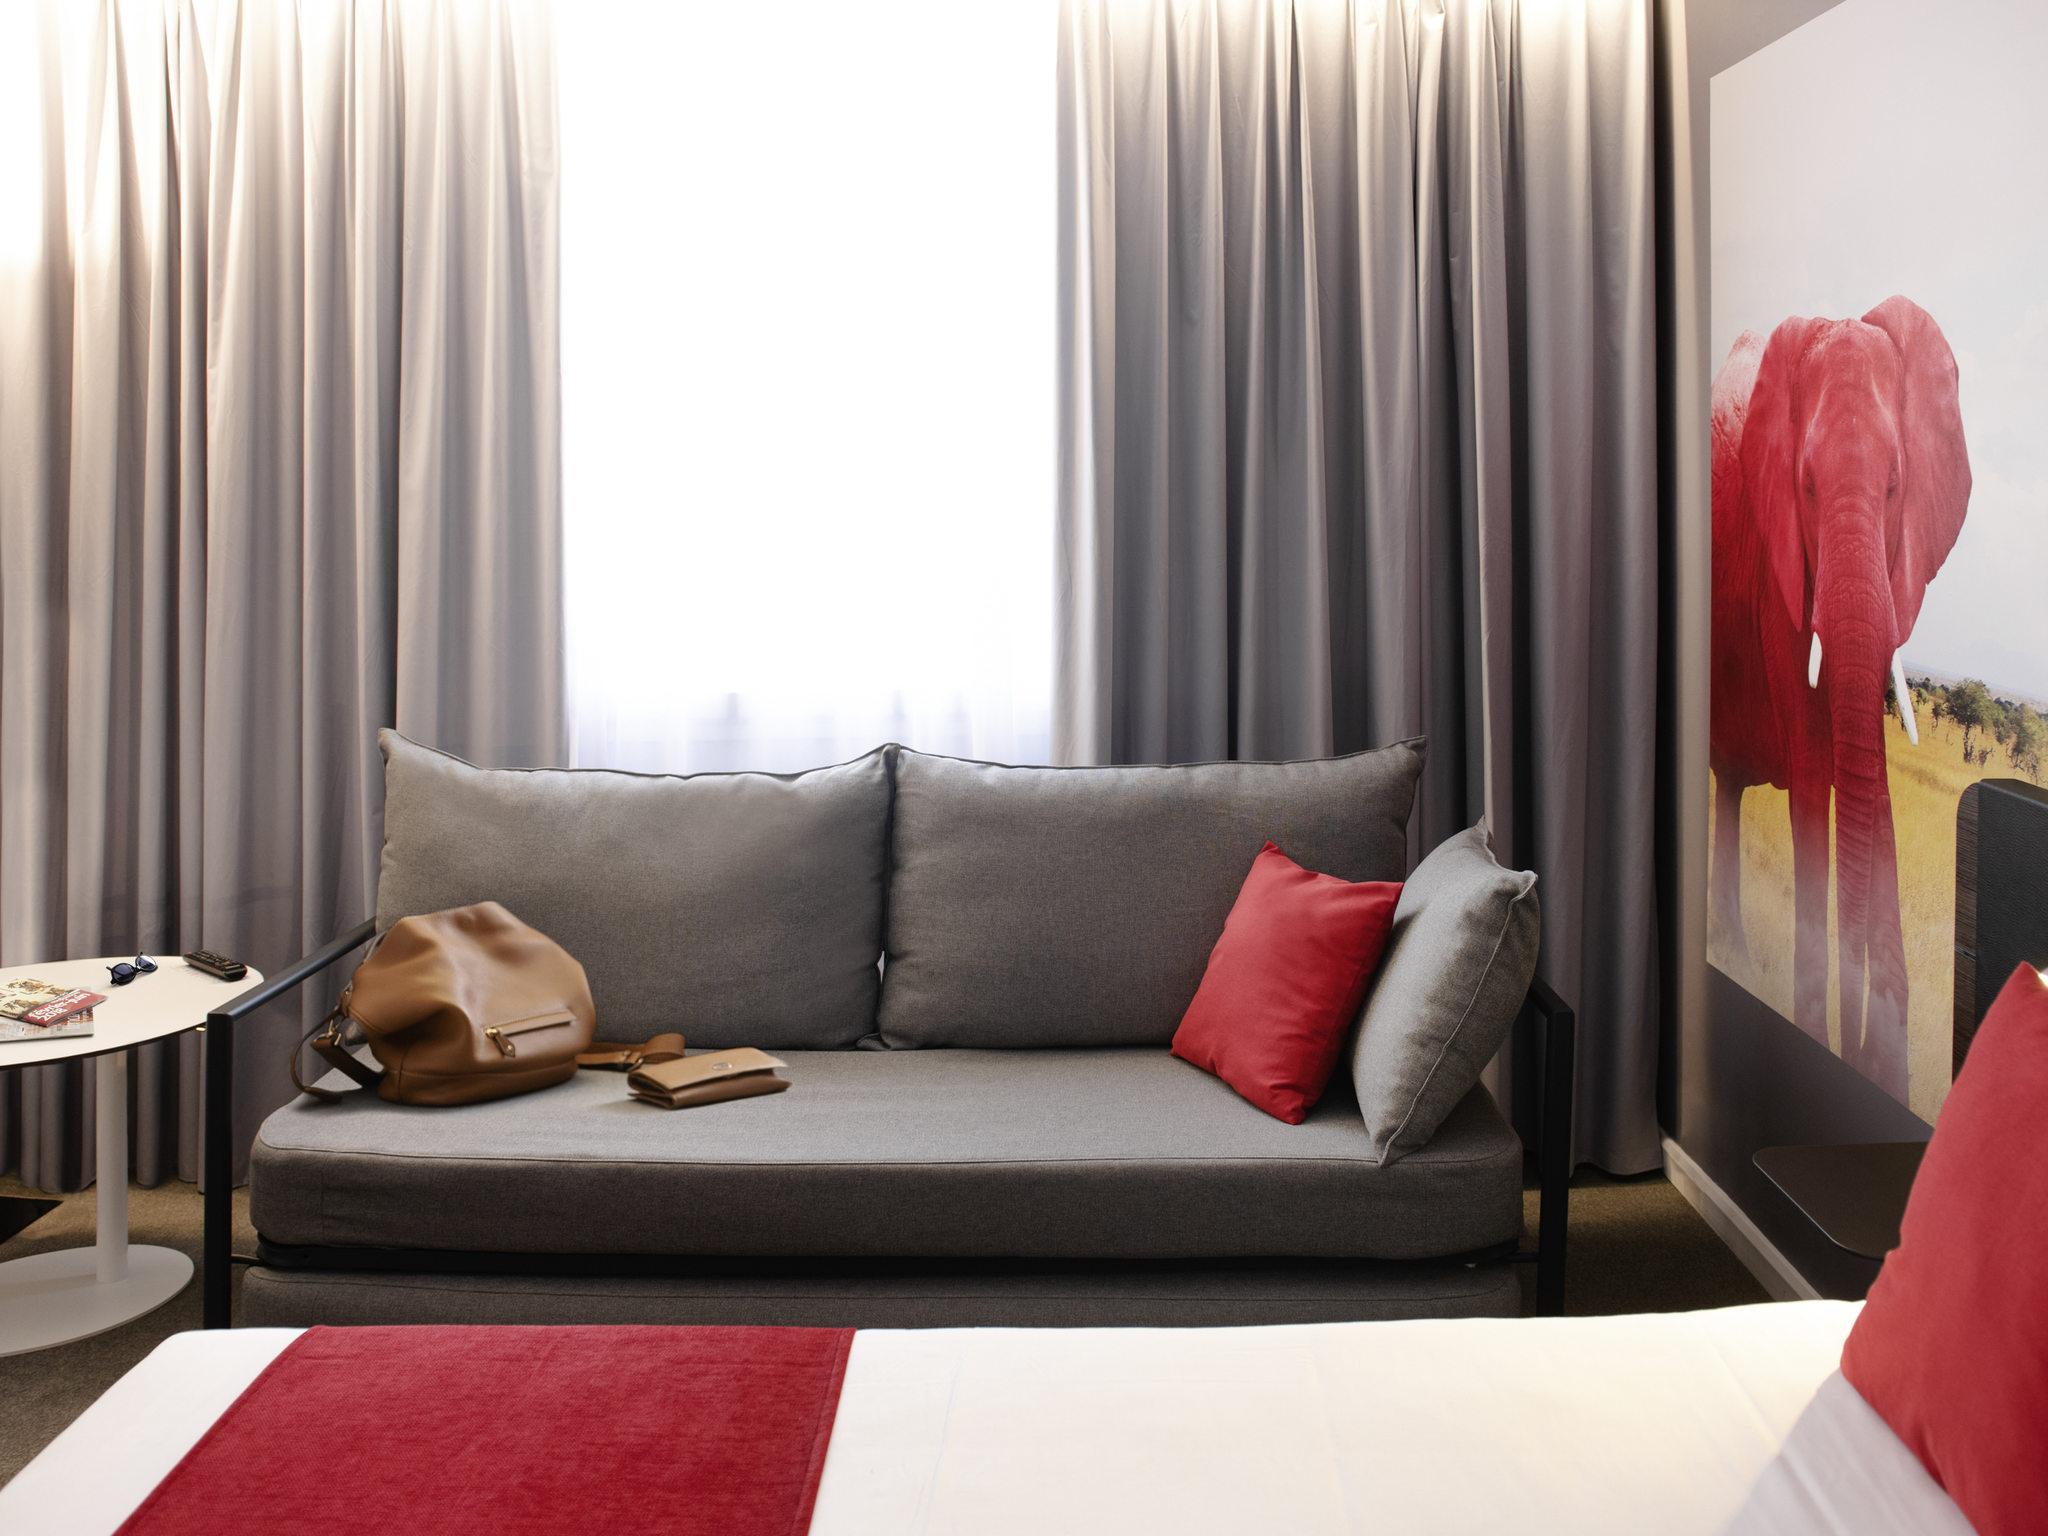 Hotel a lione novotel lyon gerland musée des confluences